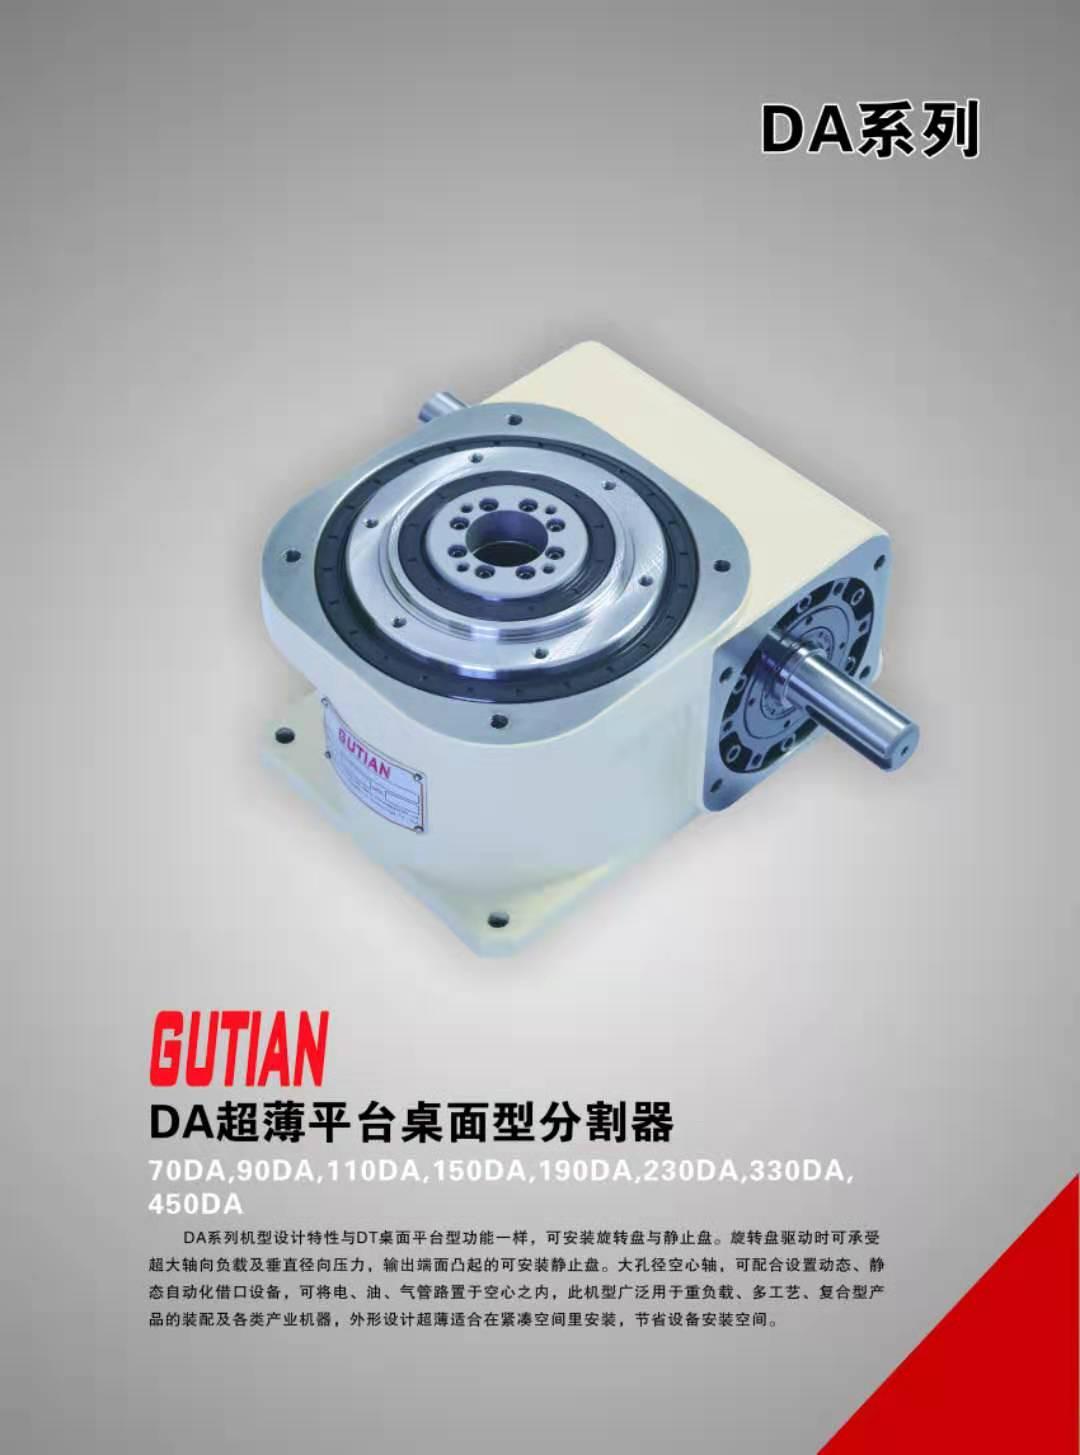 心軸型分割器 廈門昇泰電子機械供應